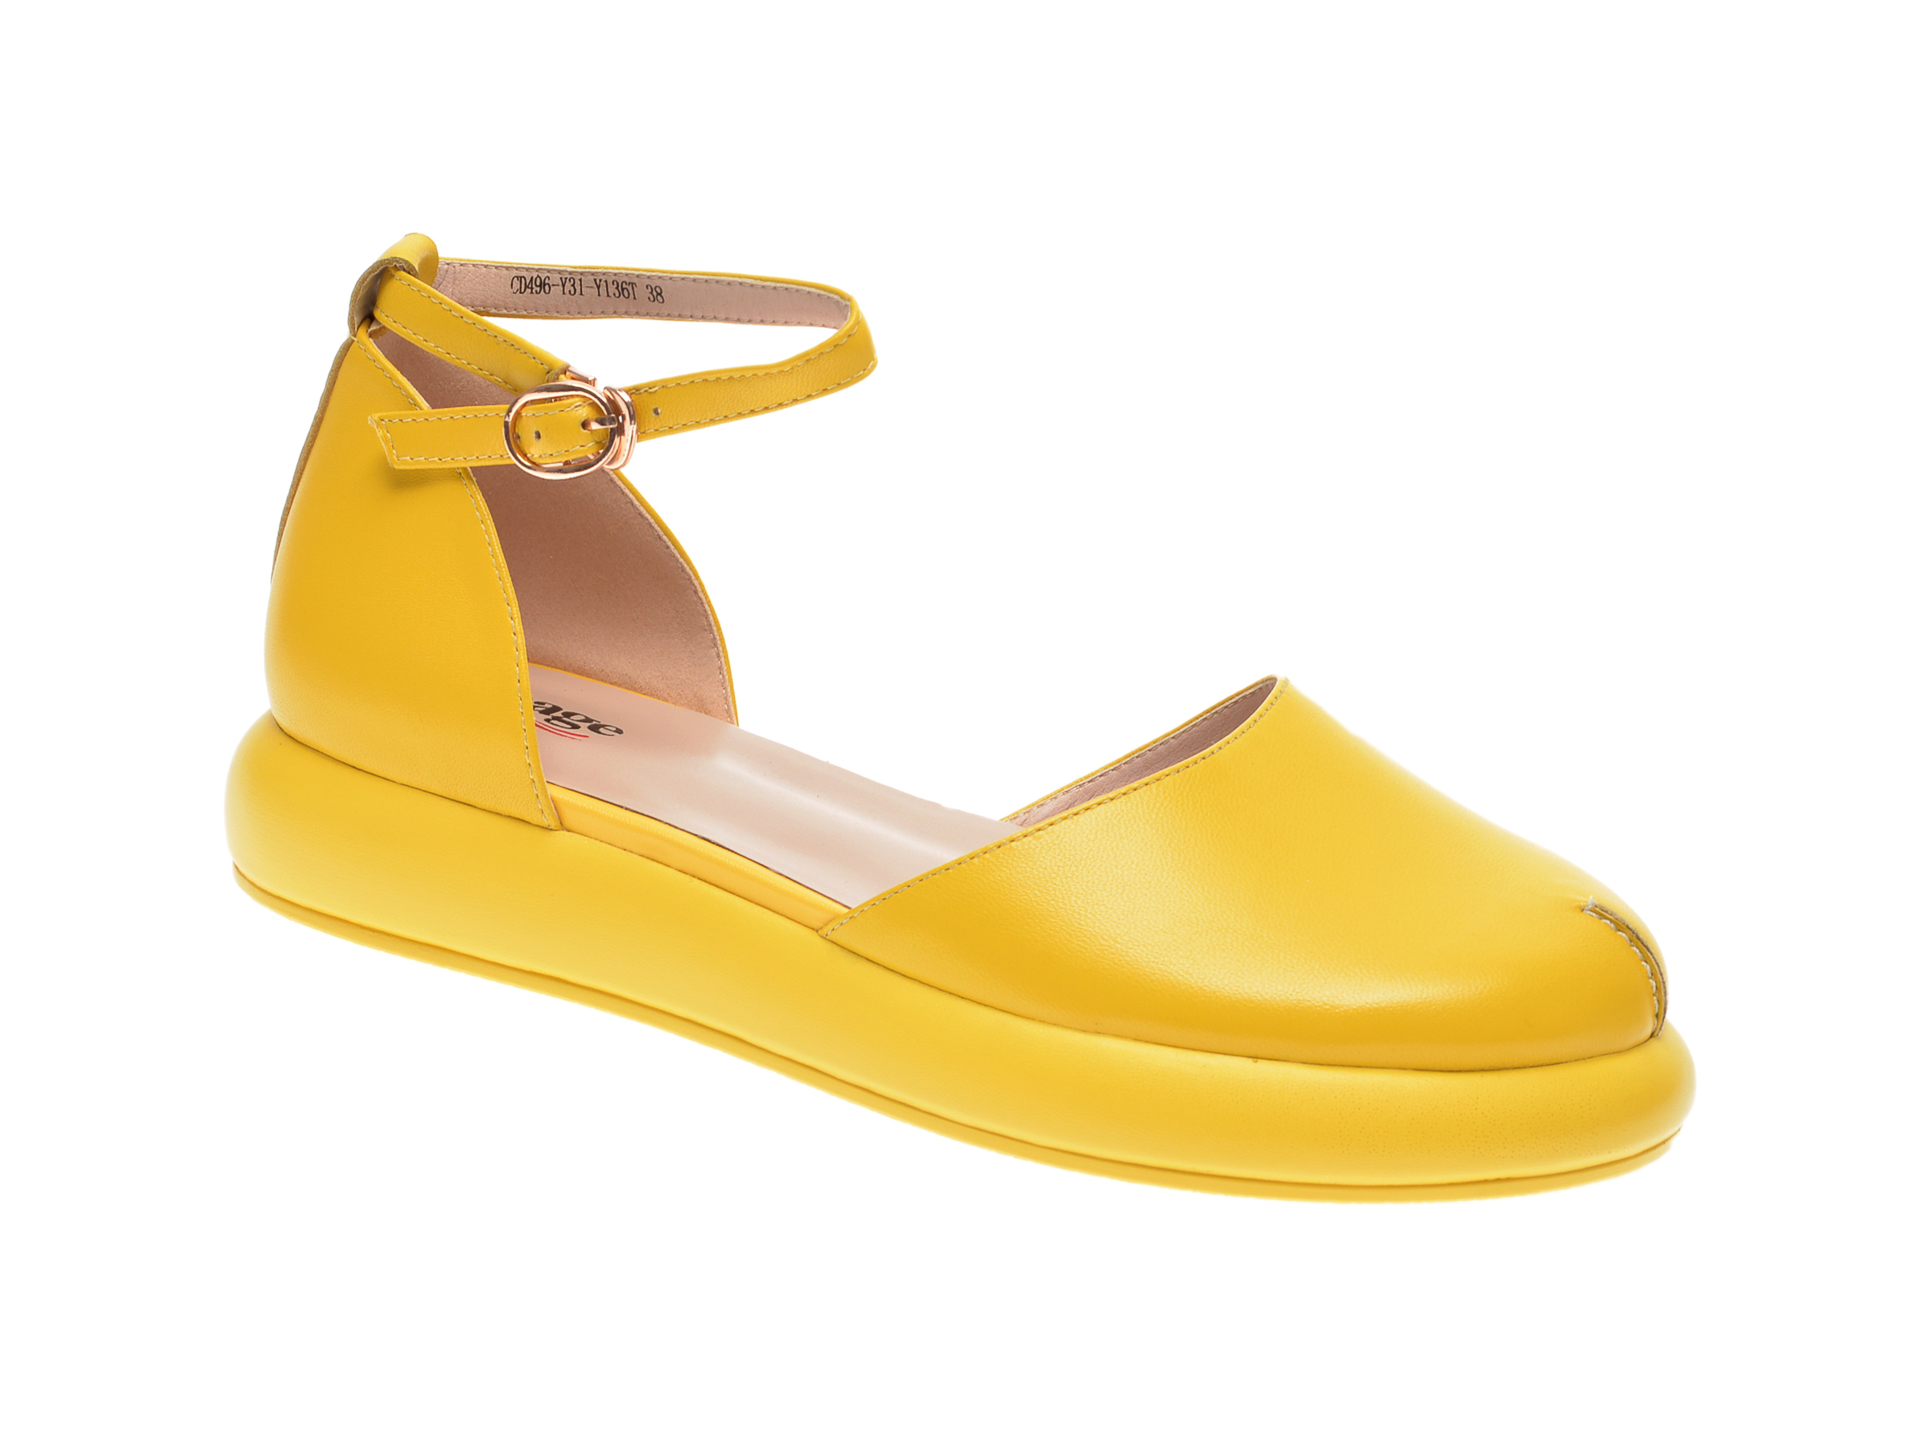 Pantofi IMAGE galbeni, CD496Y3, din piele naturala